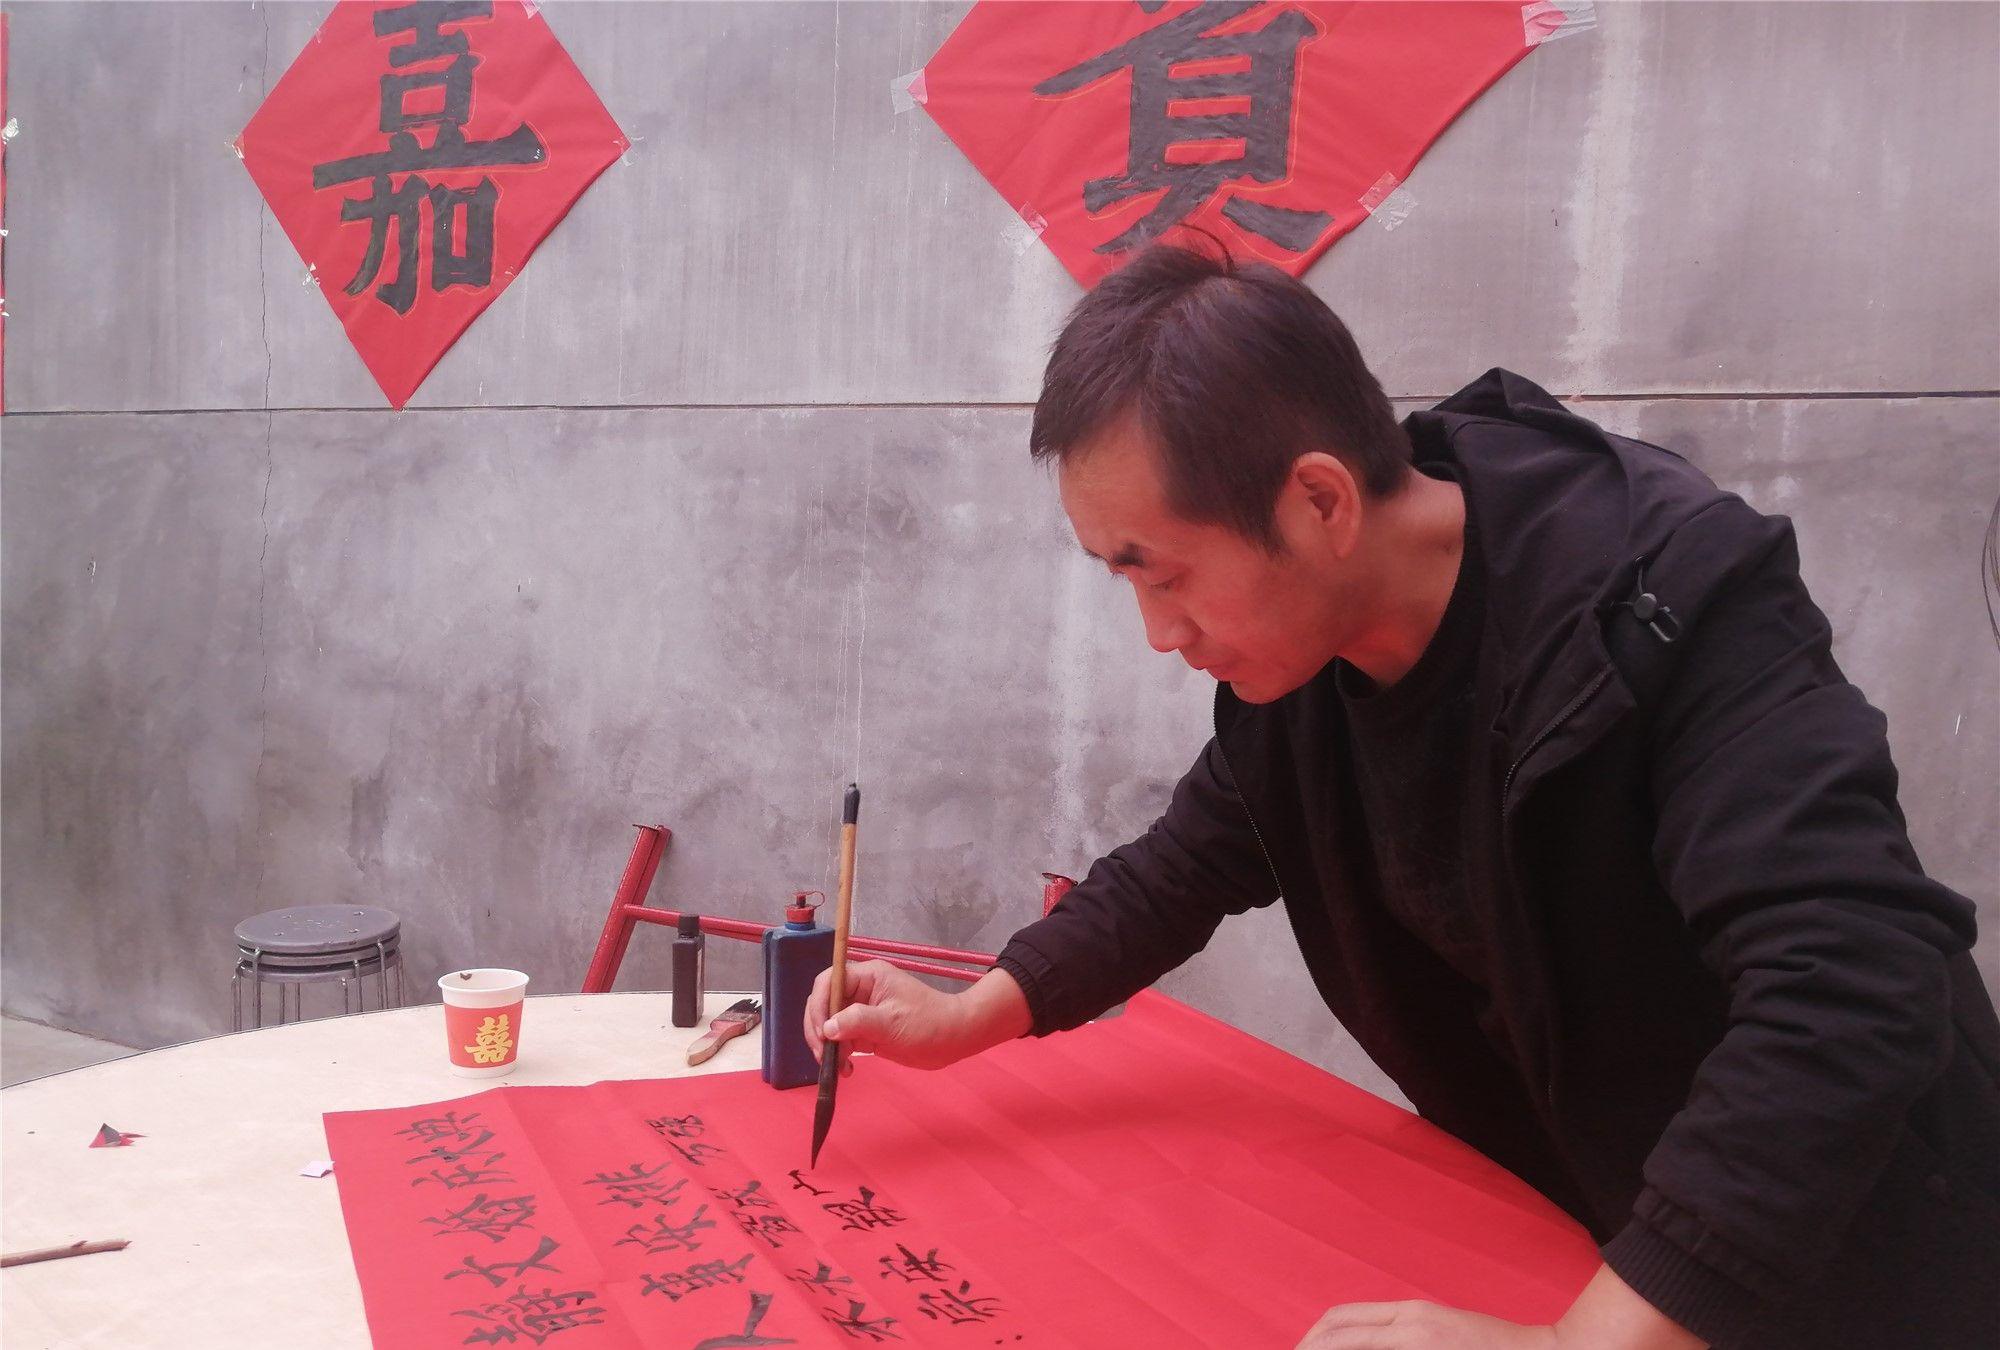 陕西扶风乡村婚礼,写毛笔字吃流水席,这是最庄重的生命仪式!